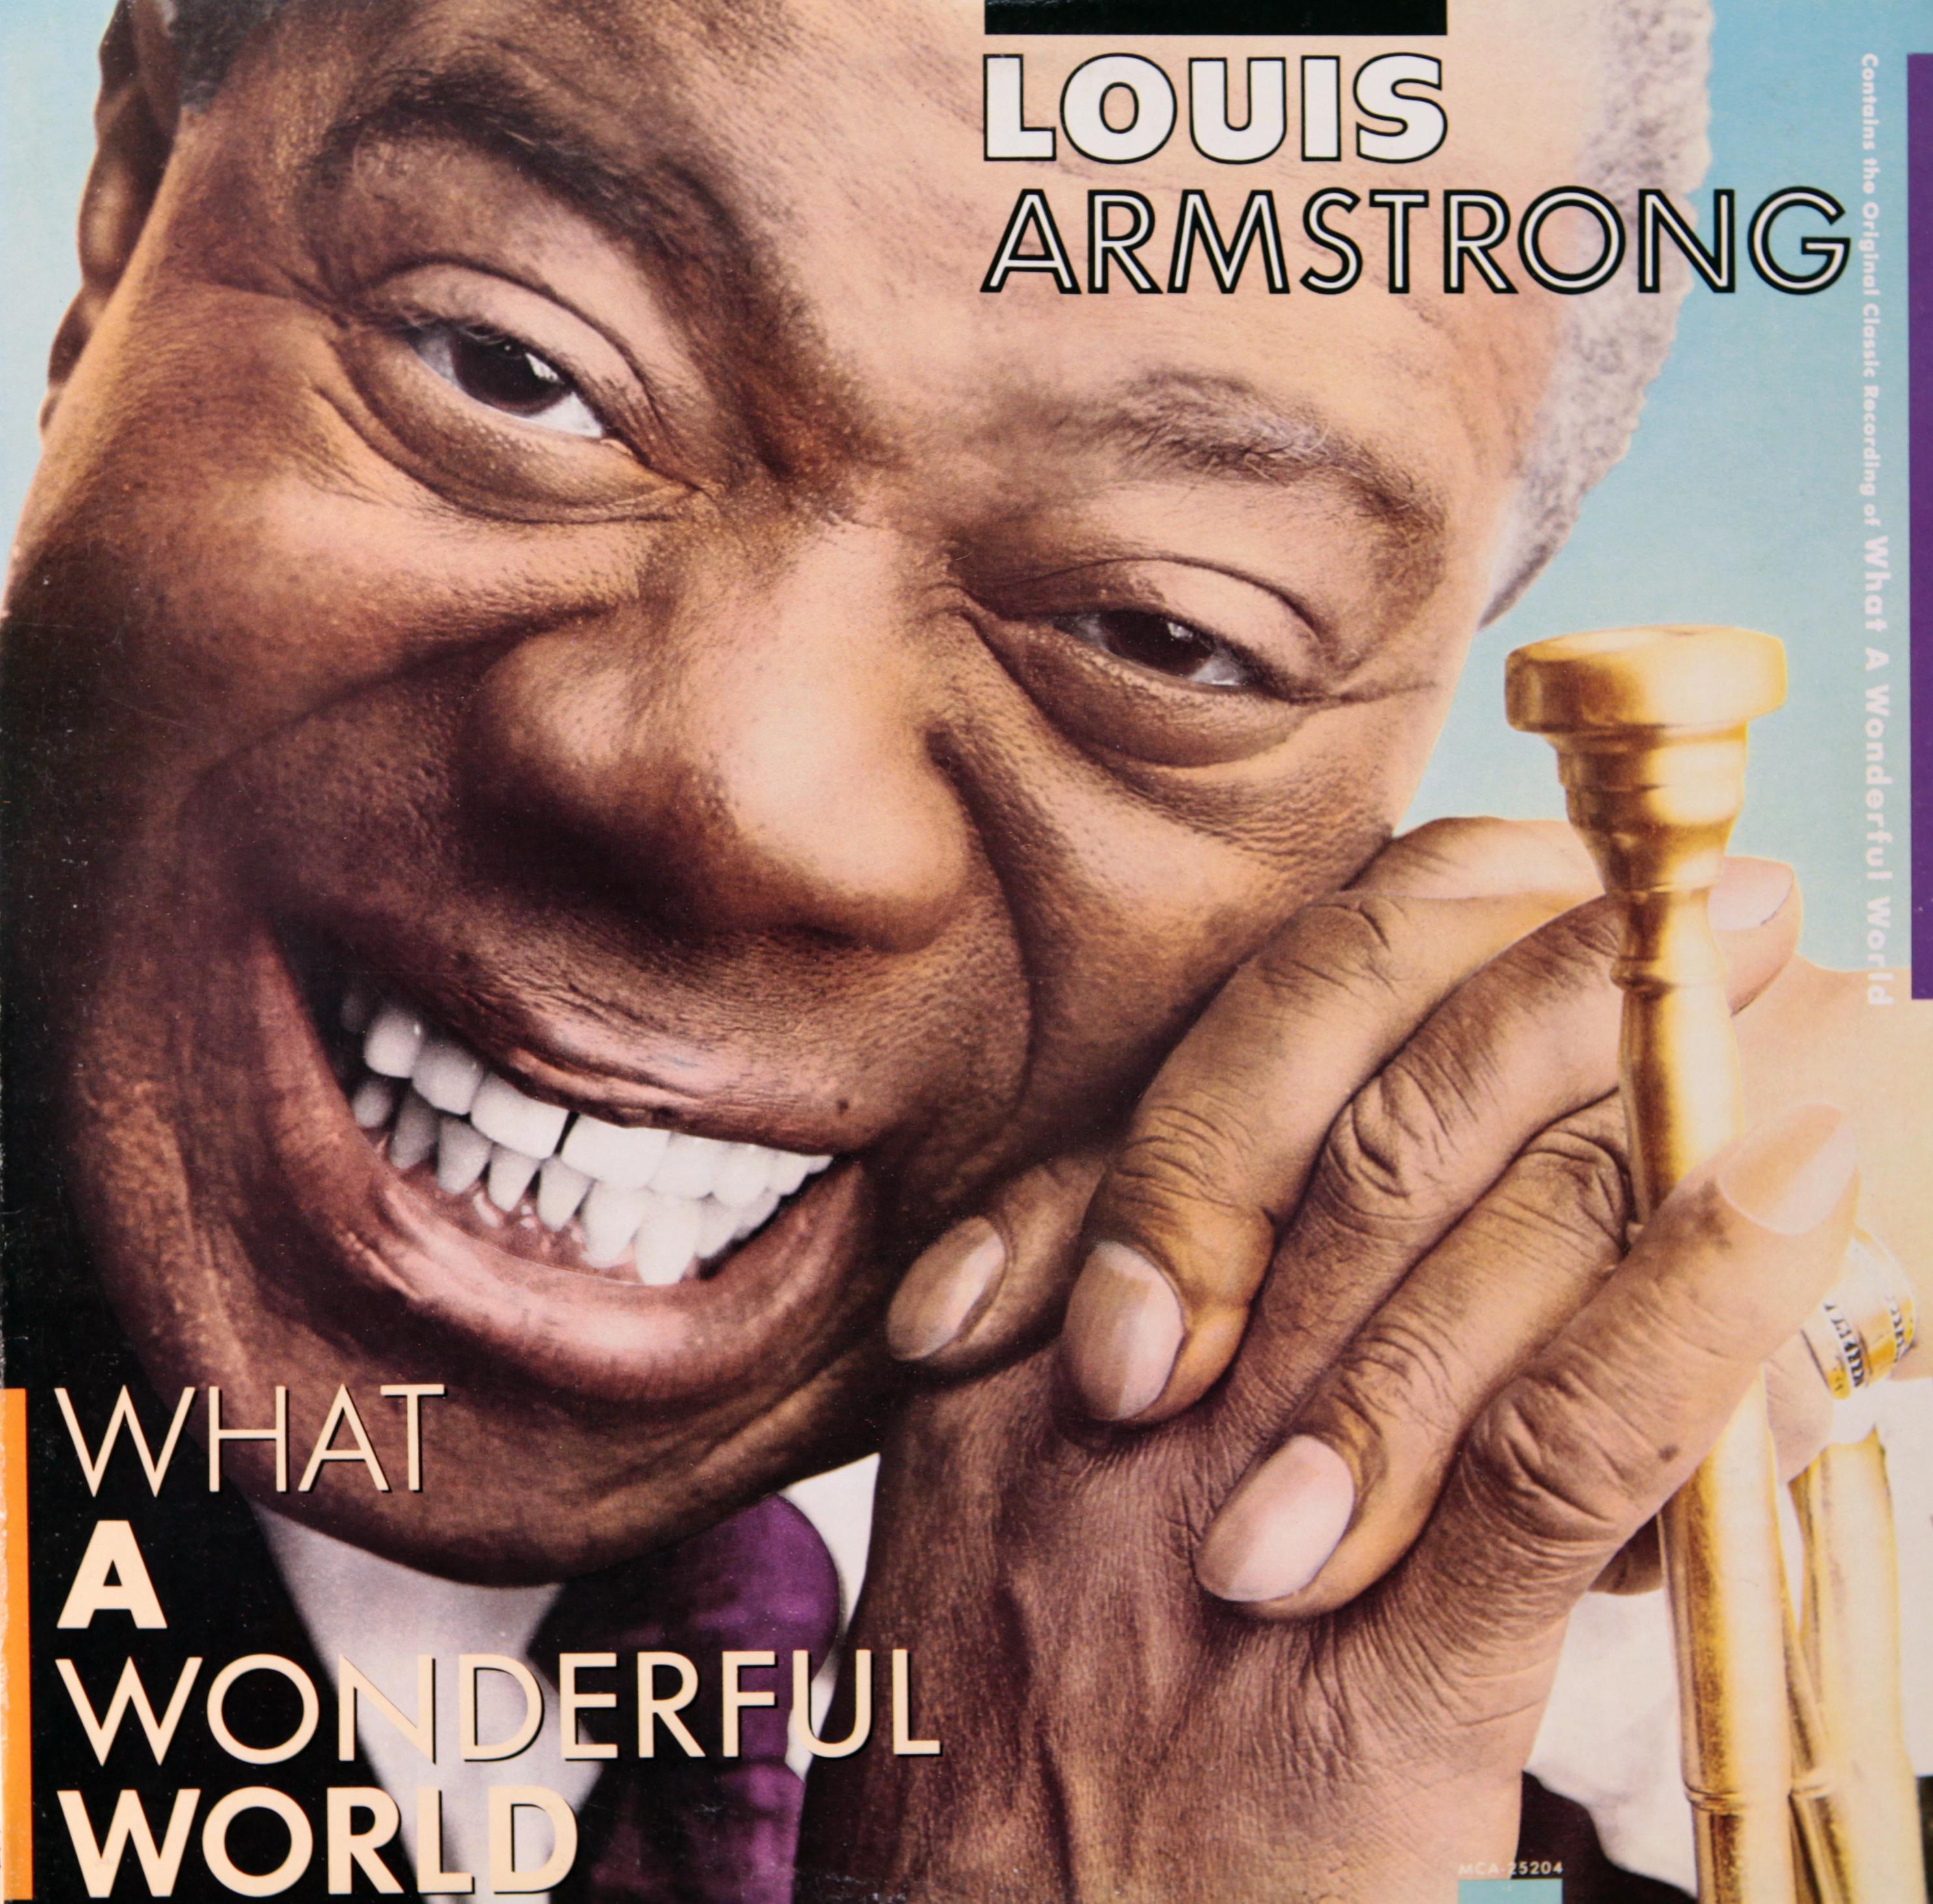 What a wonderful world - Louis Armstrong(路易斯阿姆斯壯)  這首歌雖然不是1920年發行的歌曲,卻充滿了路易斯阿姆斯壯的個人特色!  這首歌於1967年發表,製作人是當時最有名的爵士古典音樂家鮑伯提艾利製作!大家可以聽聽看唷~